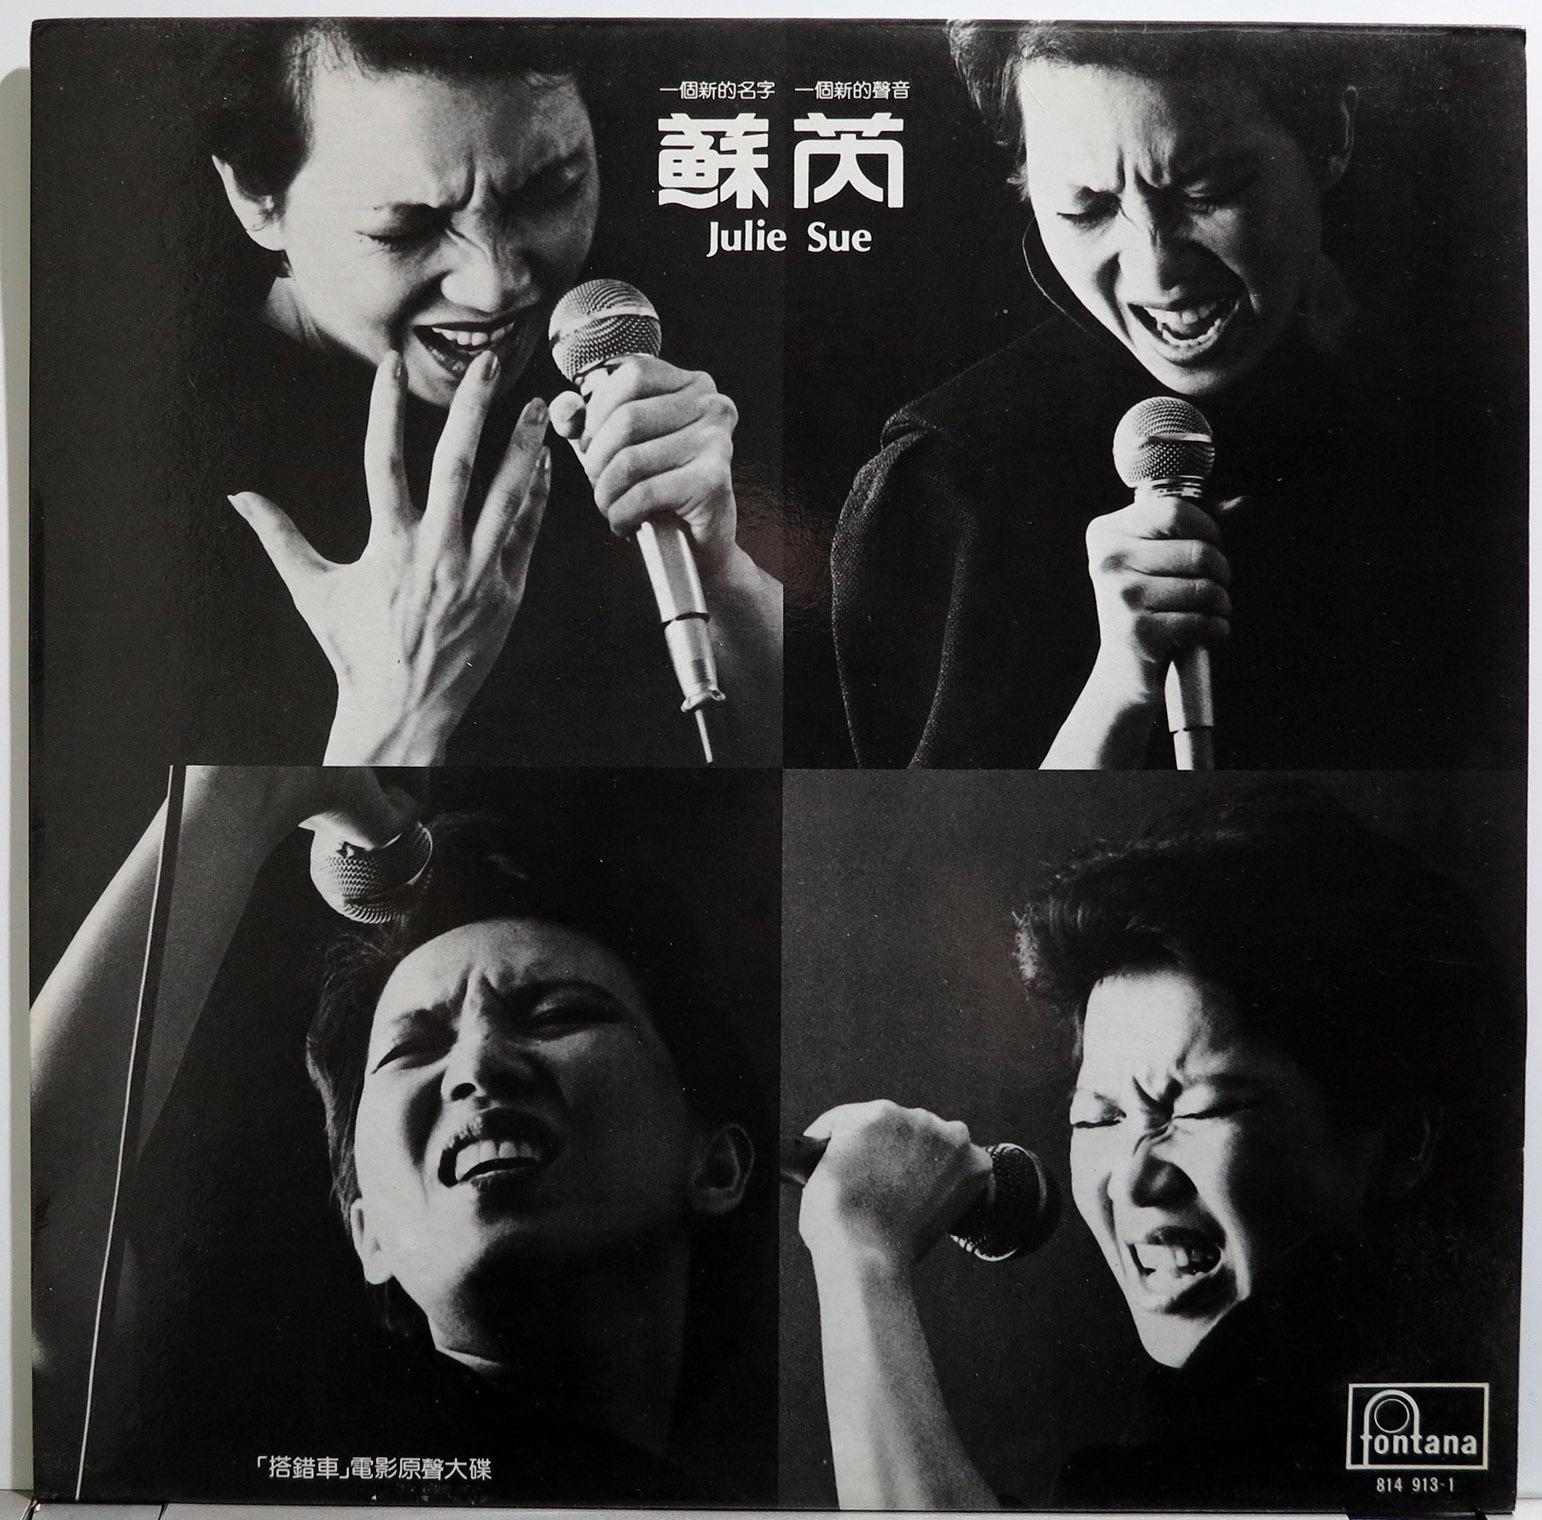 蘇芮 (Julie Su) – 搭錯車 (1983) (香港發行黑膠限量版) [黑膠轉錄 DSD64]